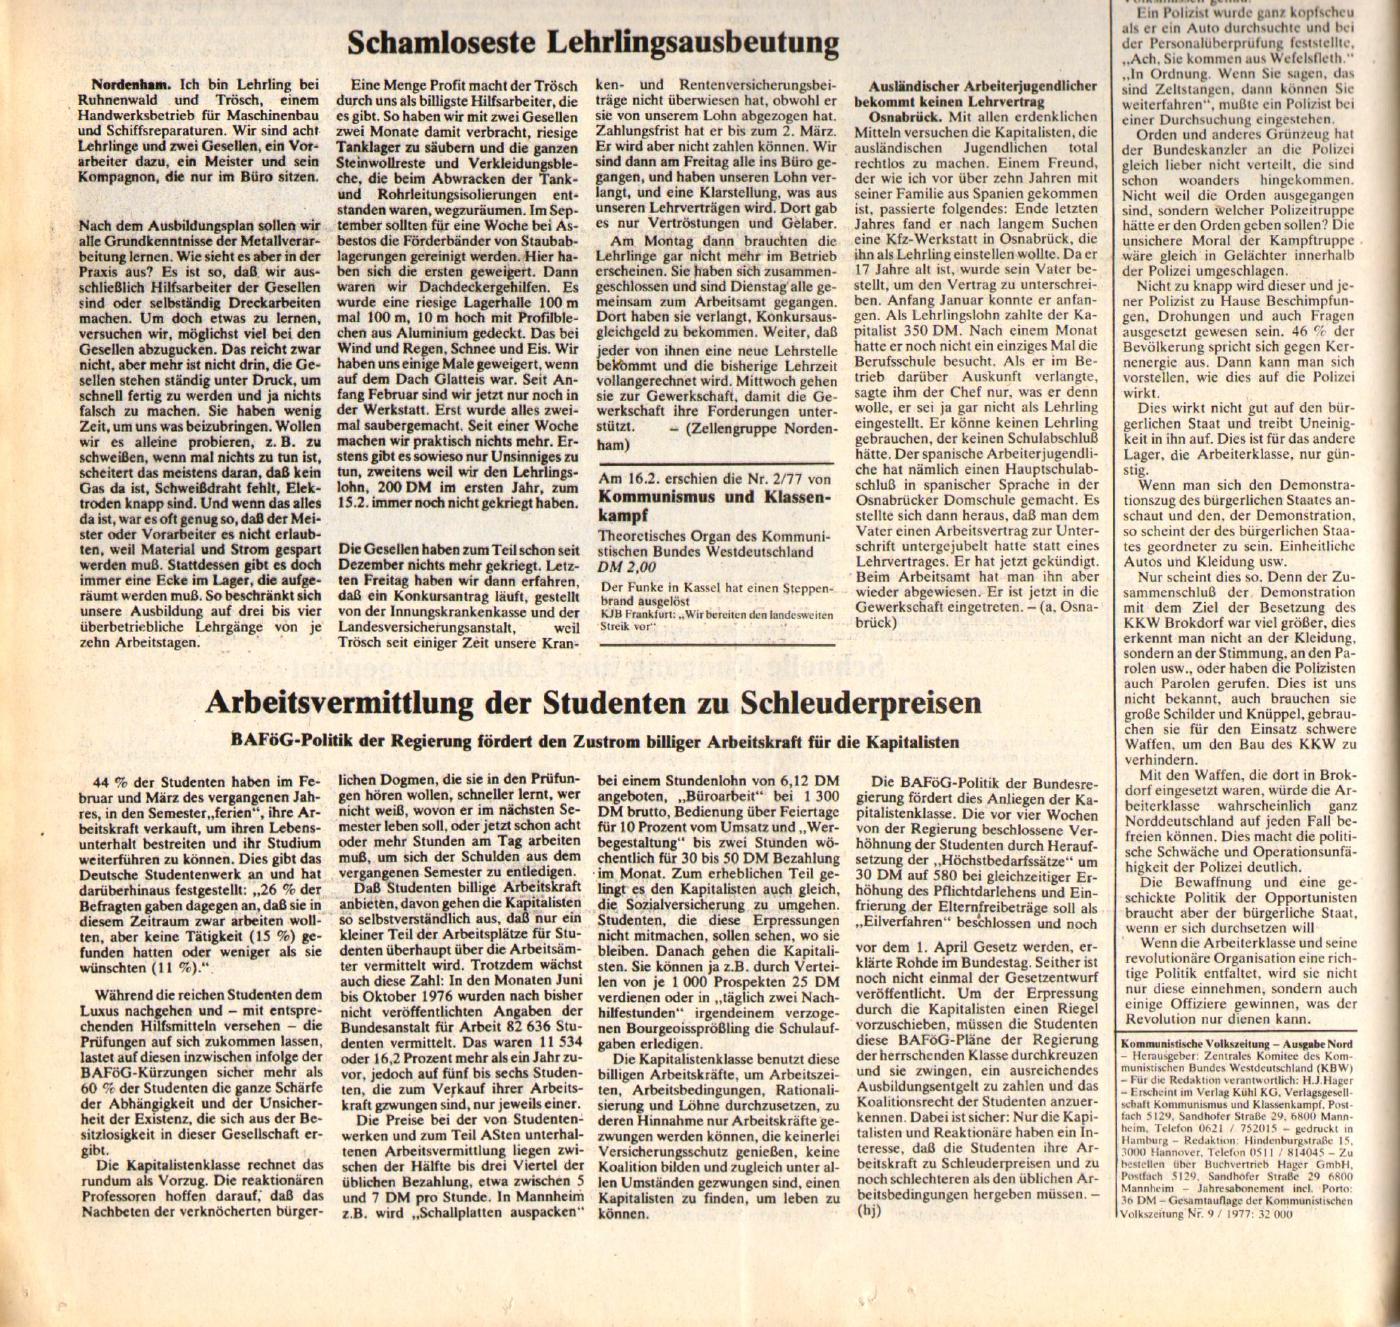 KVZ_Nord_1977_09_04